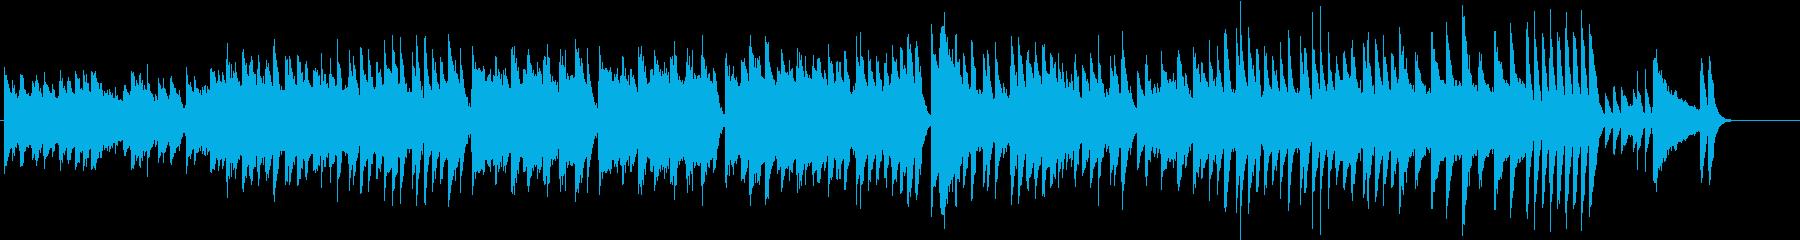 楽しいウインタースポーツのピアノBGMの再生済みの波形